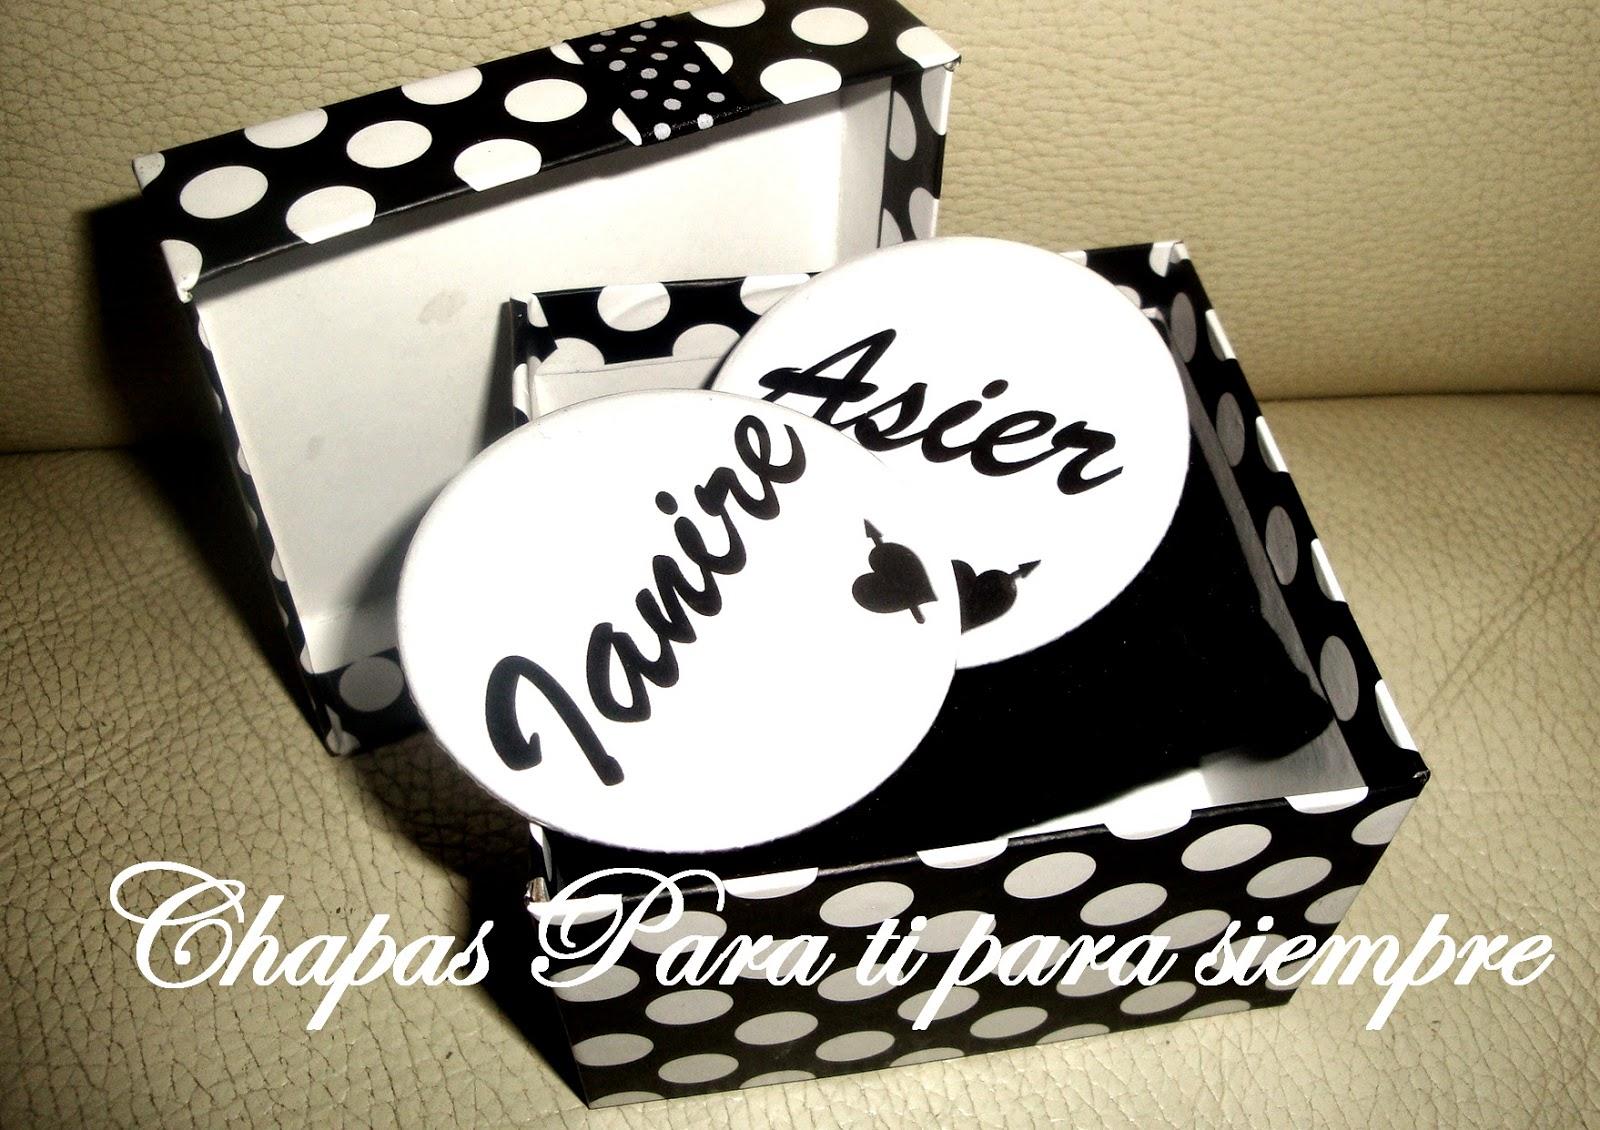 chapas_personalizadas_cumpleaños